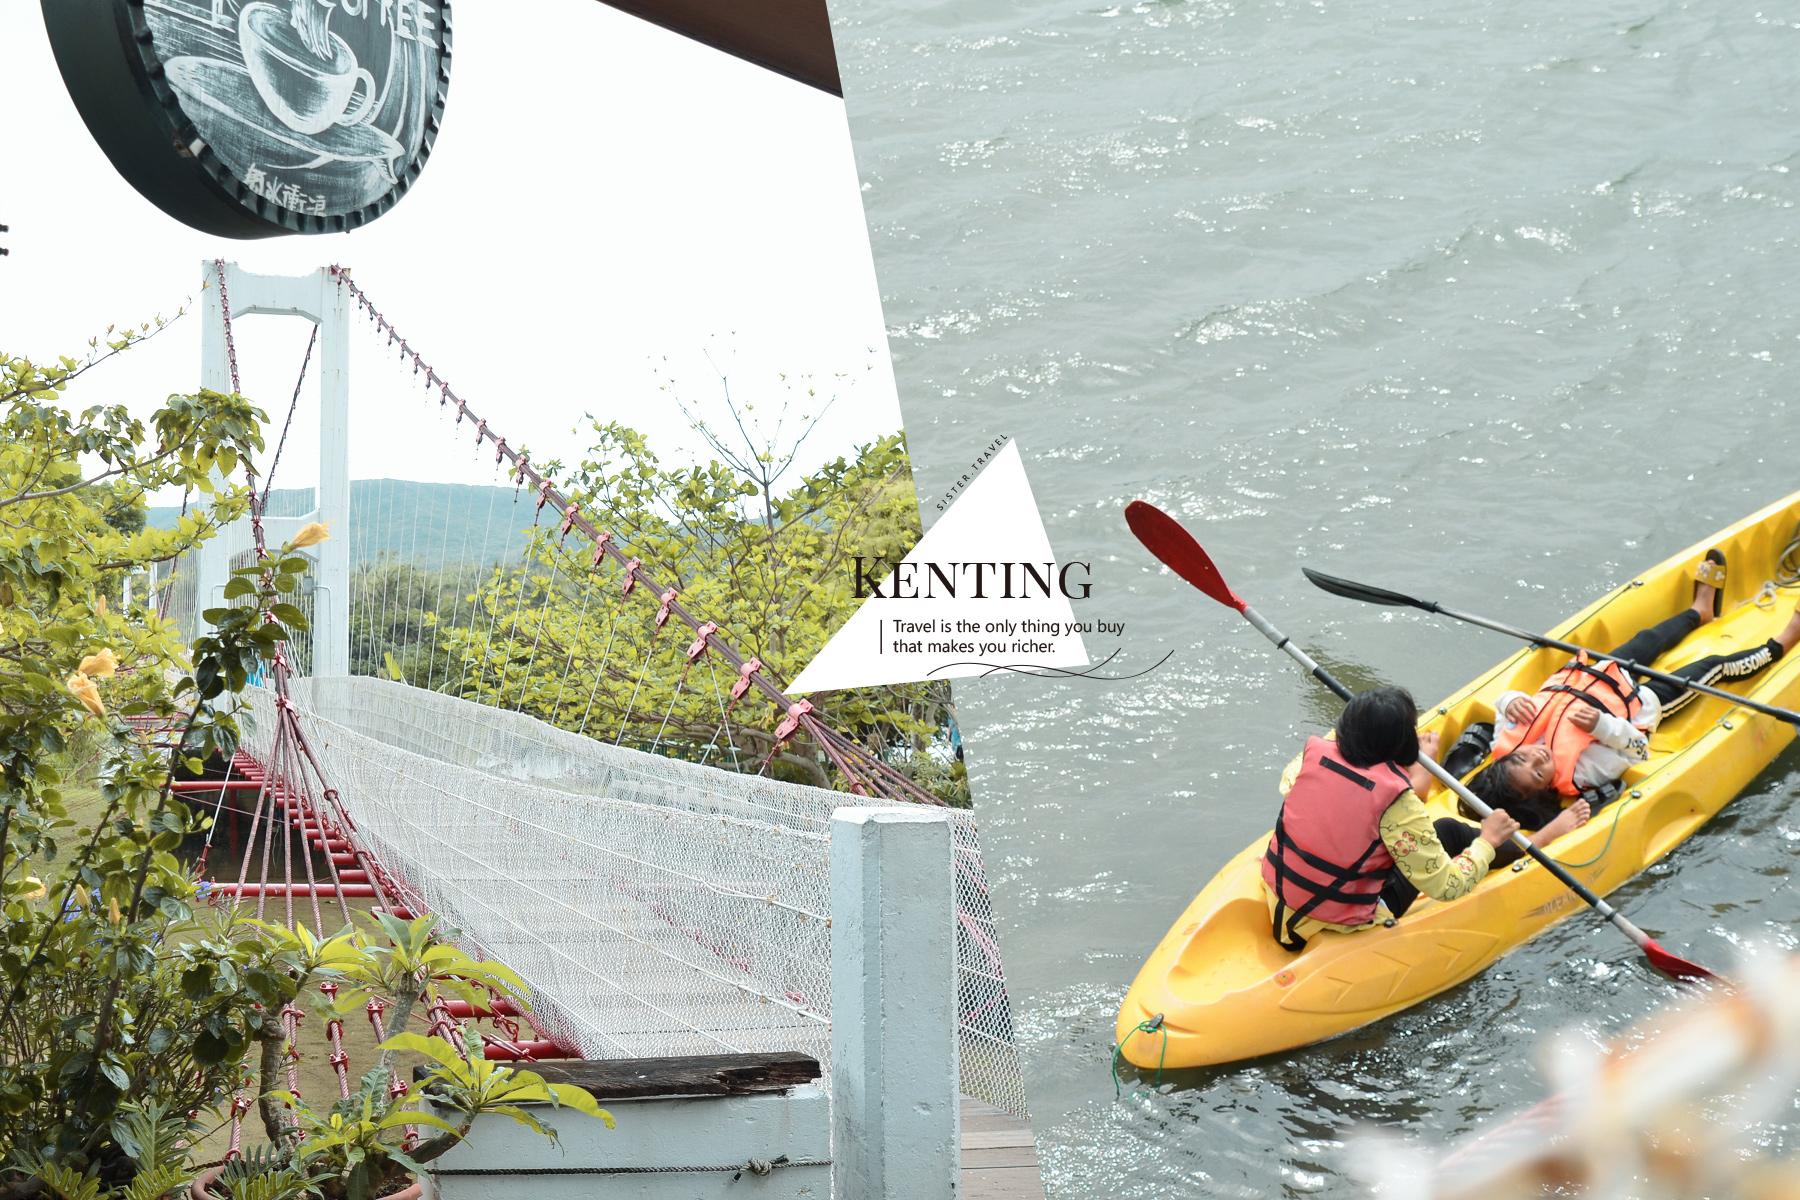 屏東滿州 ▏佳樂水茶山吊橋-沙灘和海連成一線,橋下獨木舟漫遊景致